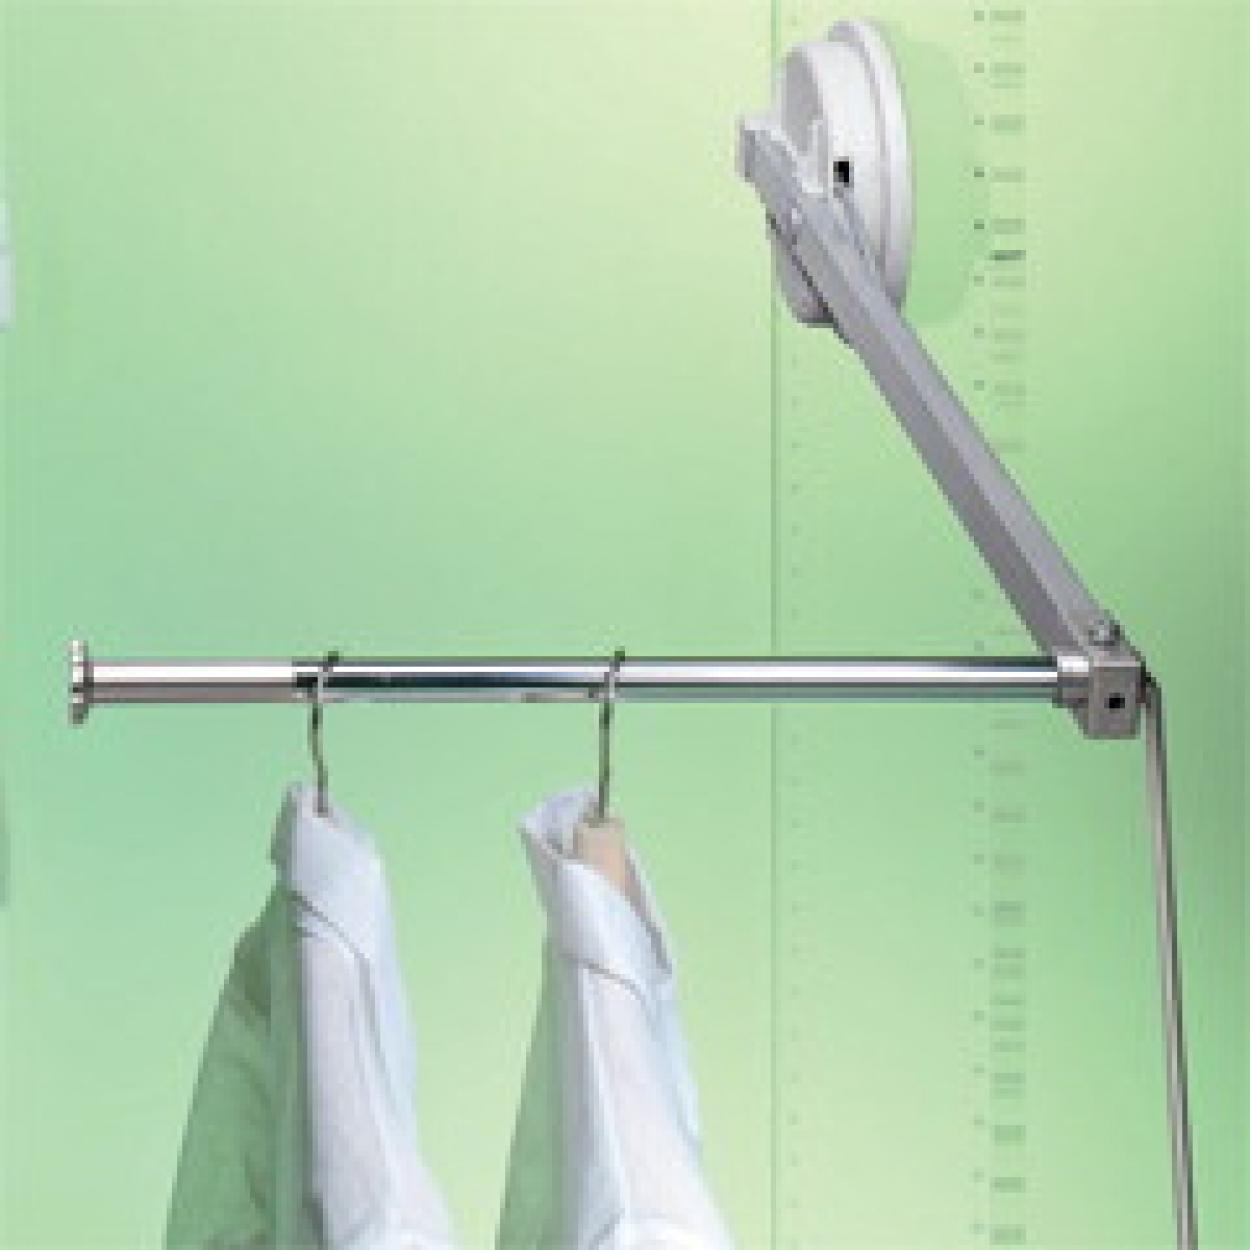 пантограф мебельныйЛифт 101 для одежды в шкаф правый цвет серый